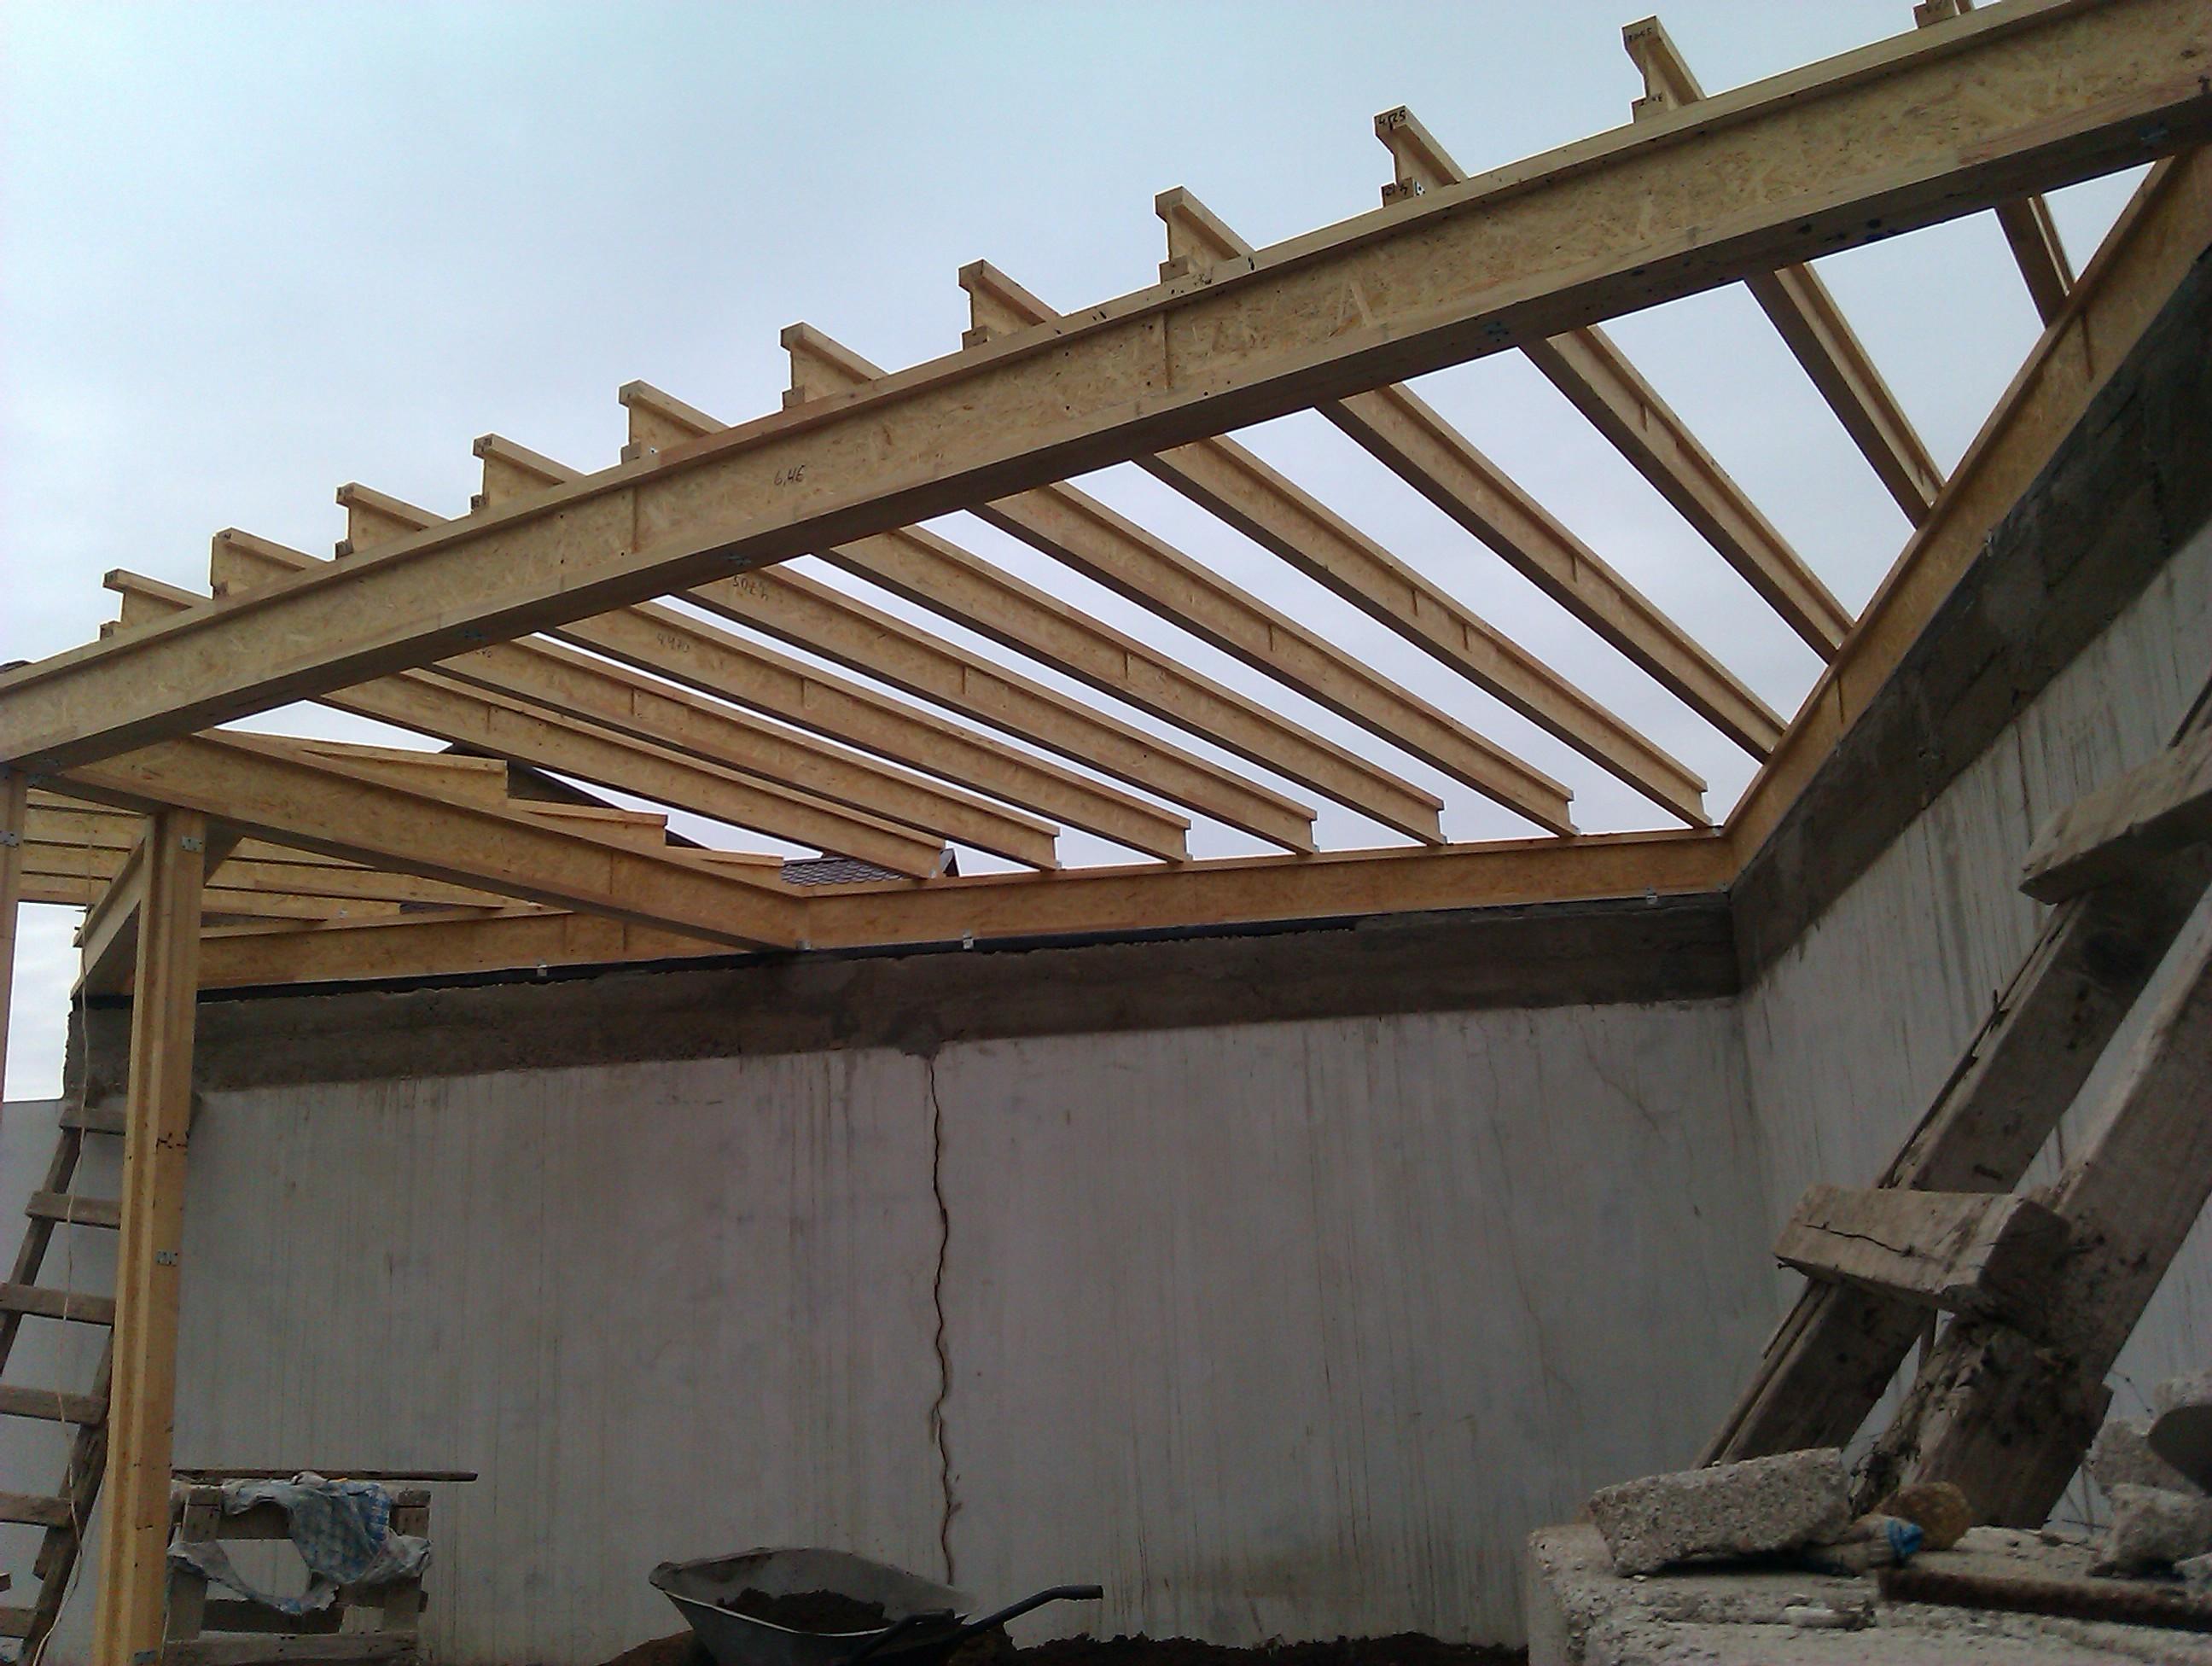 Деревянные двутавровые балки перекрытия: технические нюансы технологии строительства